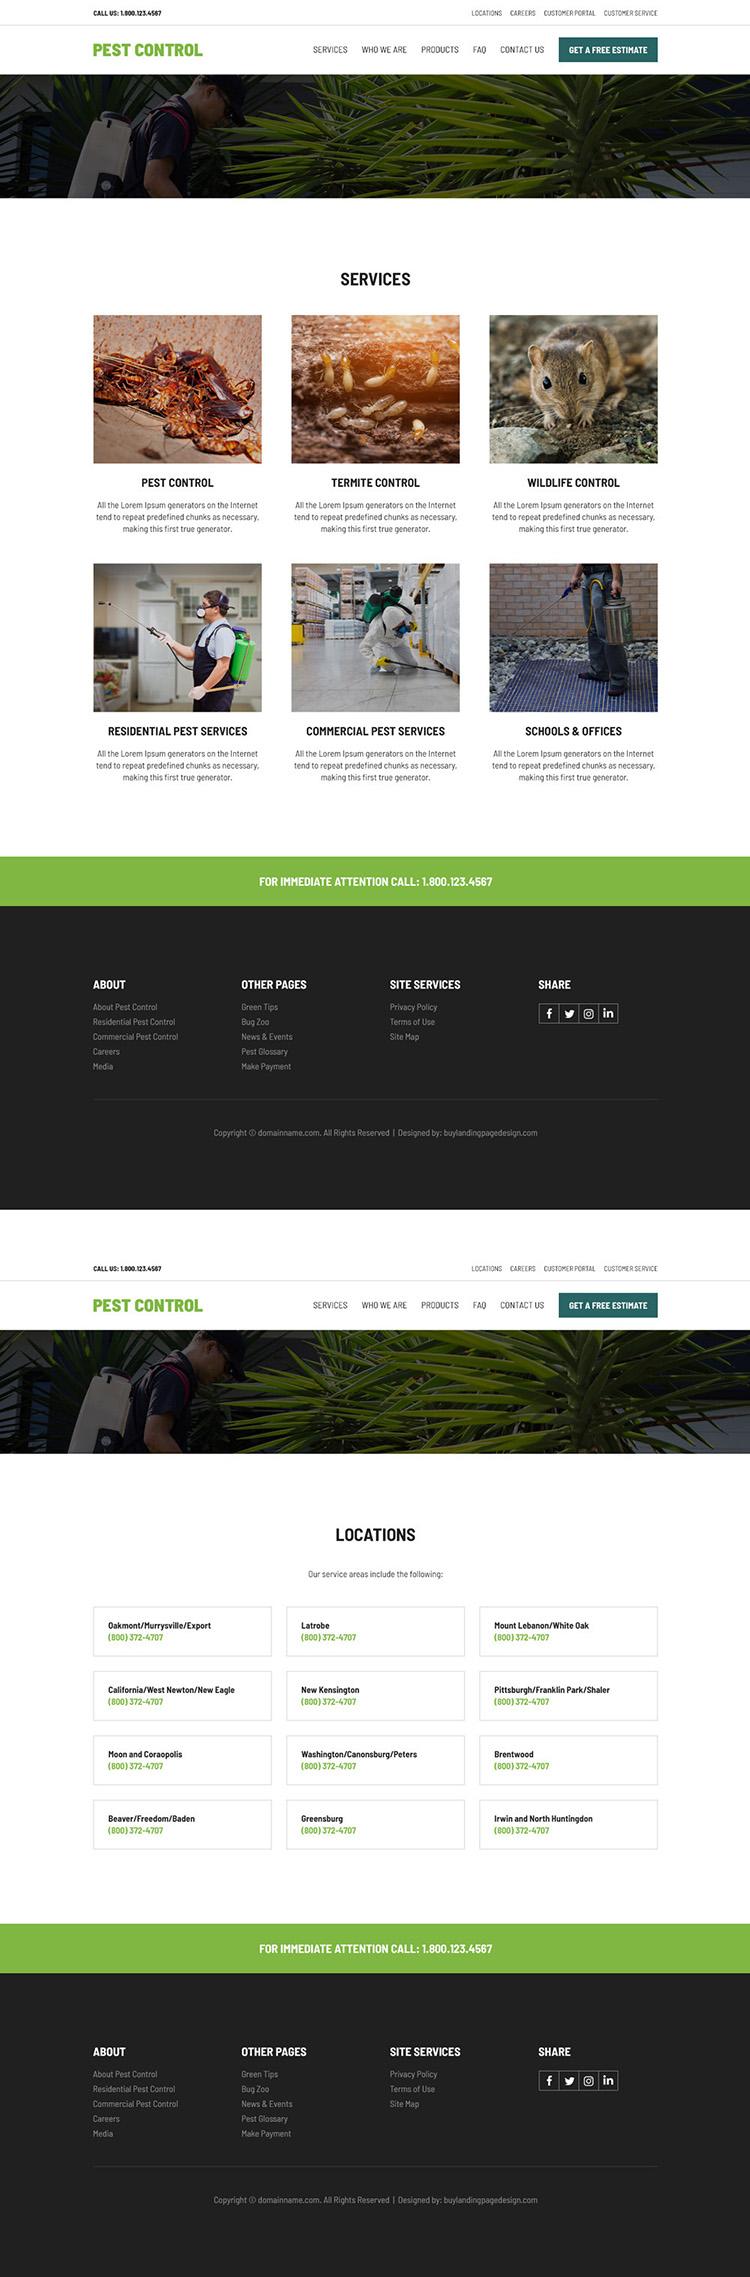 Pest Control Service Website Design 001 Pest Control Website Design Preview In 2020 Pest Control Responsive Website Design Website Design